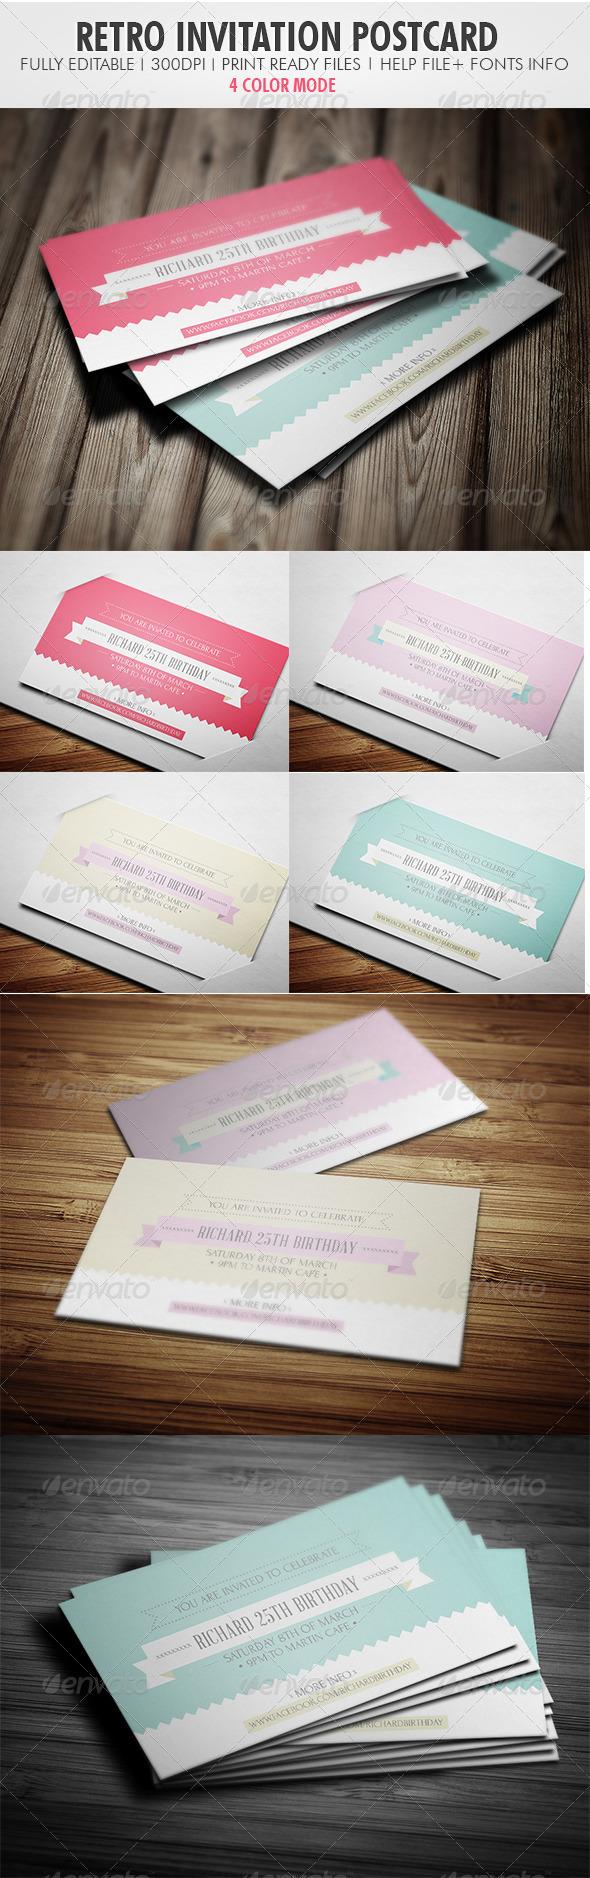 Retro Invitation Postcard - Invitations Cards & Invites